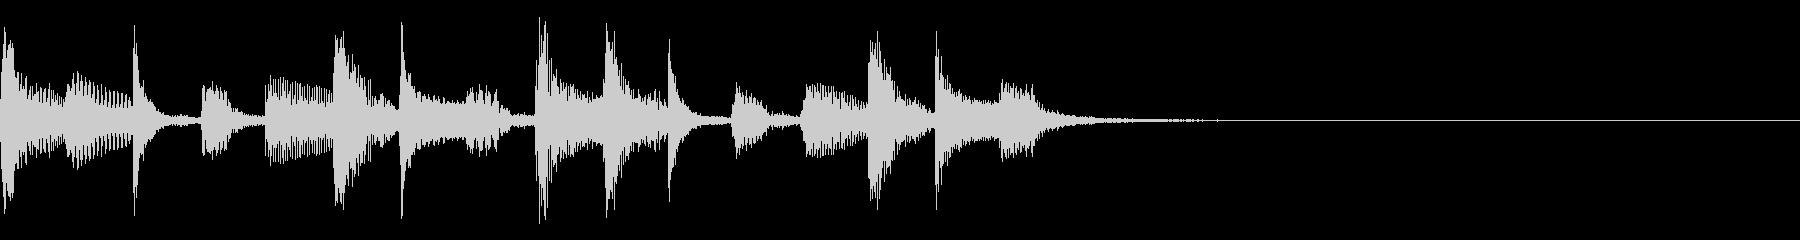 アコースティックスなアイキャッチの未再生の波形